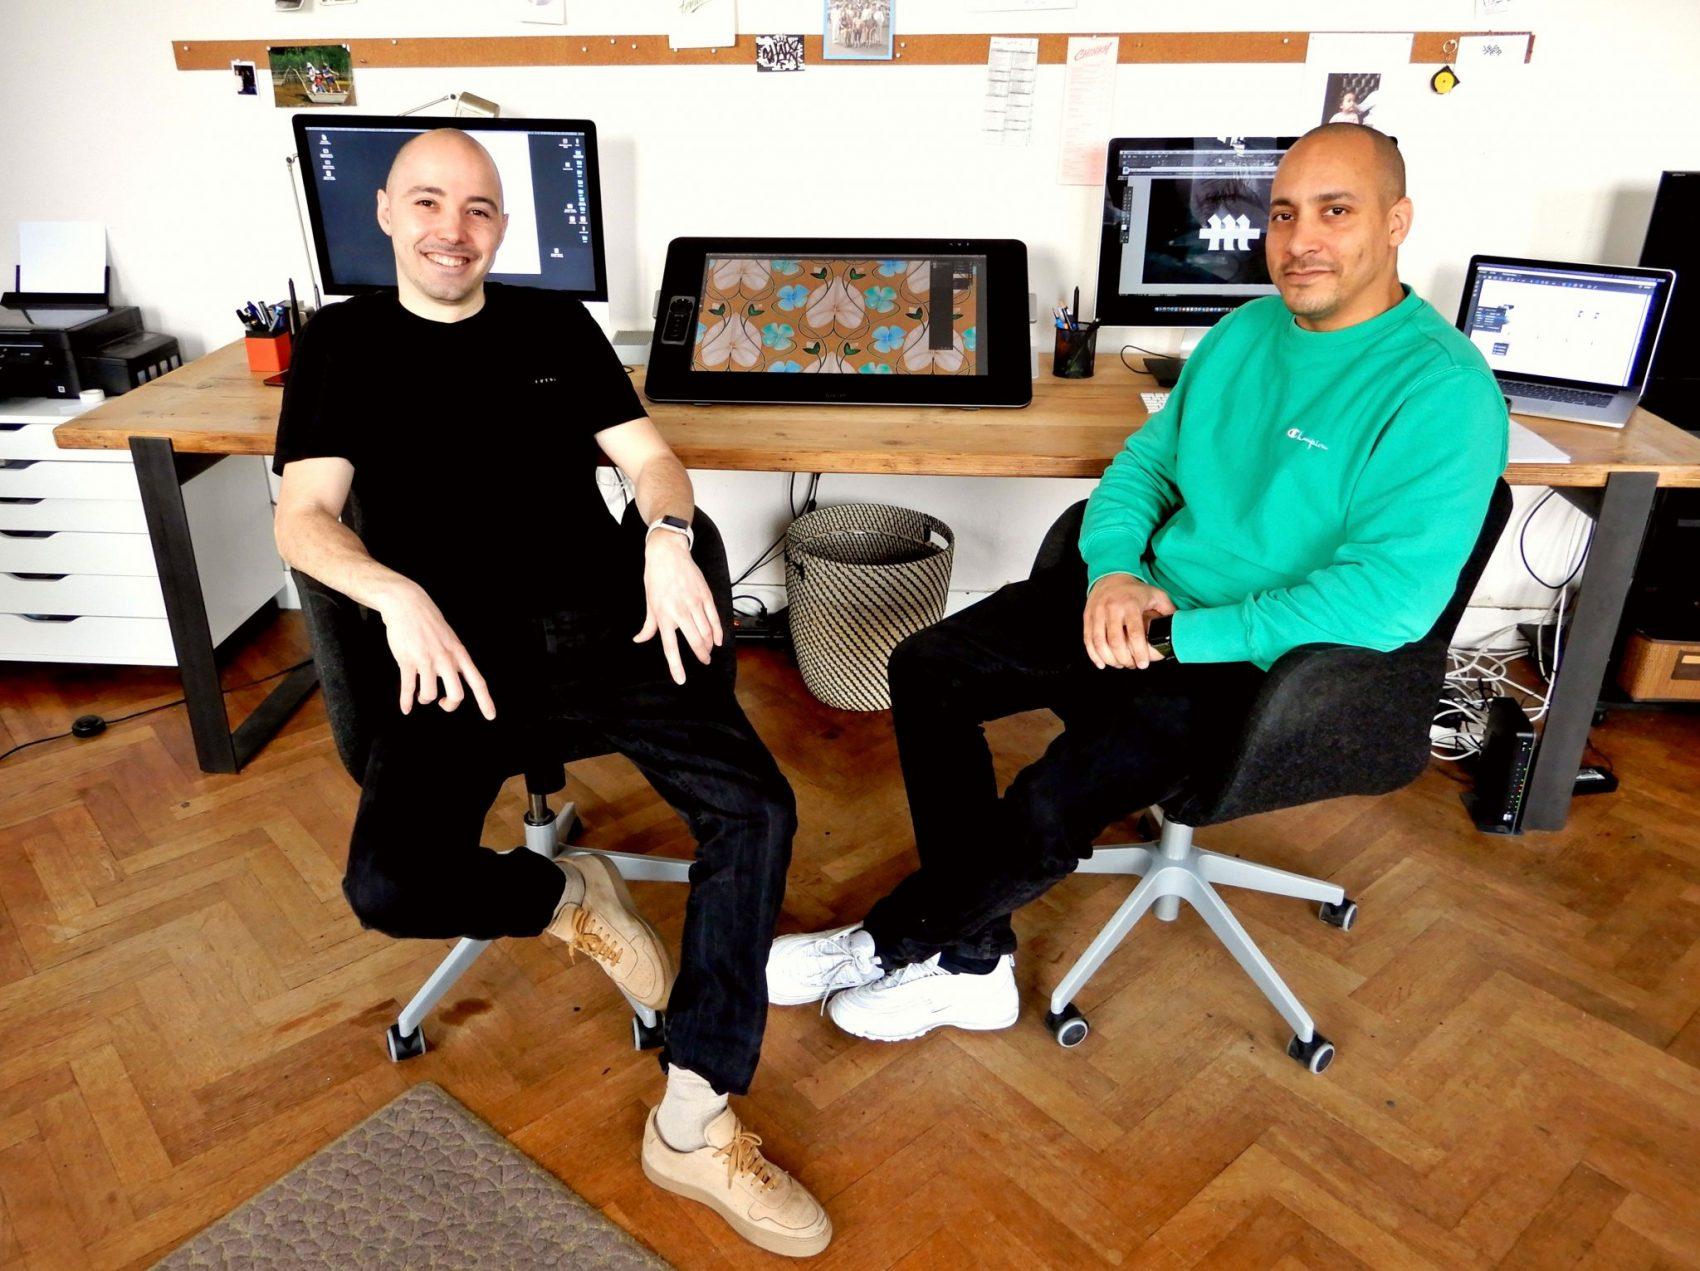 Vincent en Olivier zijn grafisch ontwerpers